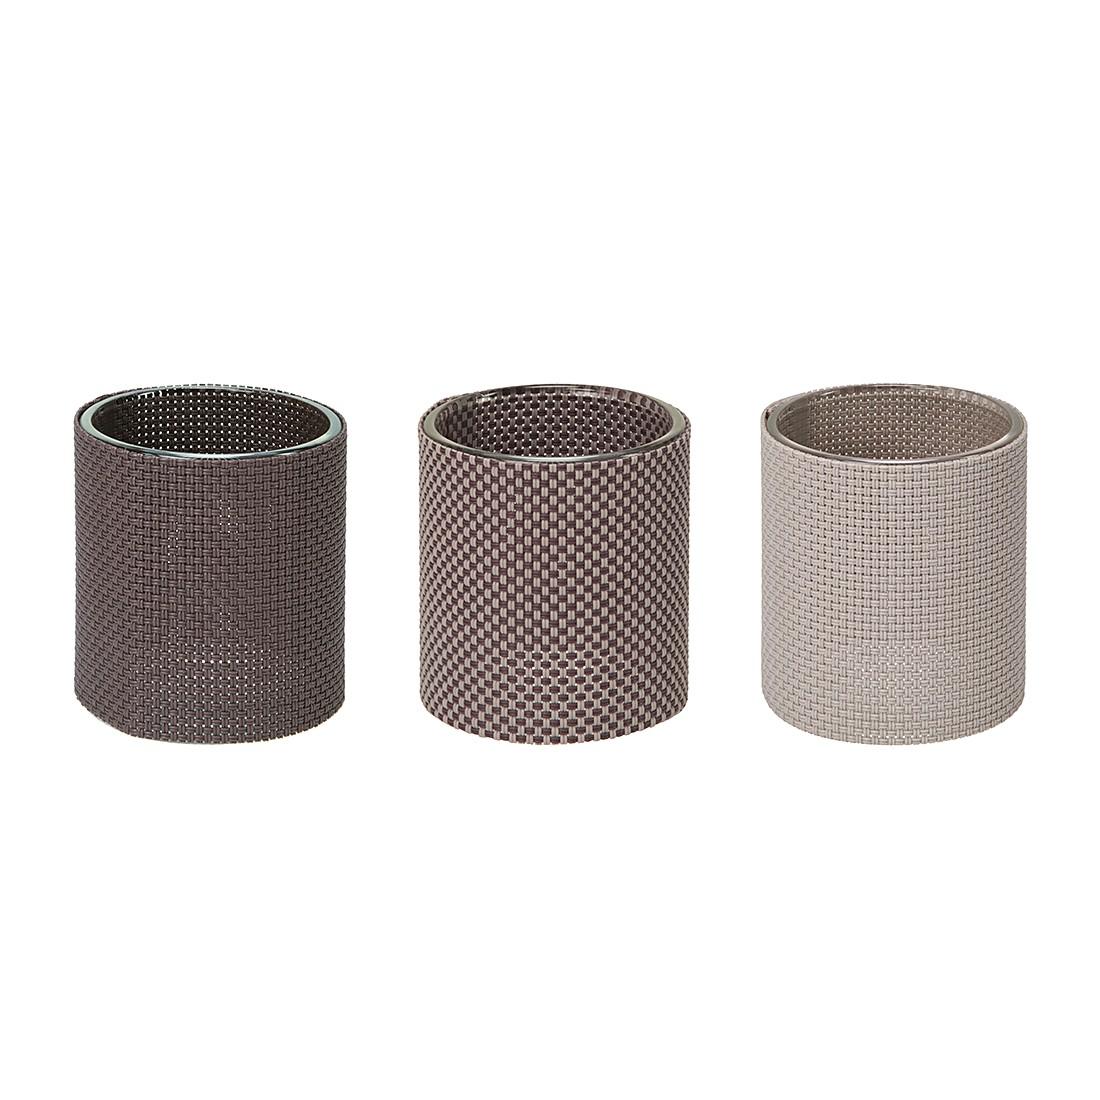 Teelichthalter Marah(3er-Set) Klarglas/Kunststoff Braun, Contento online kaufen